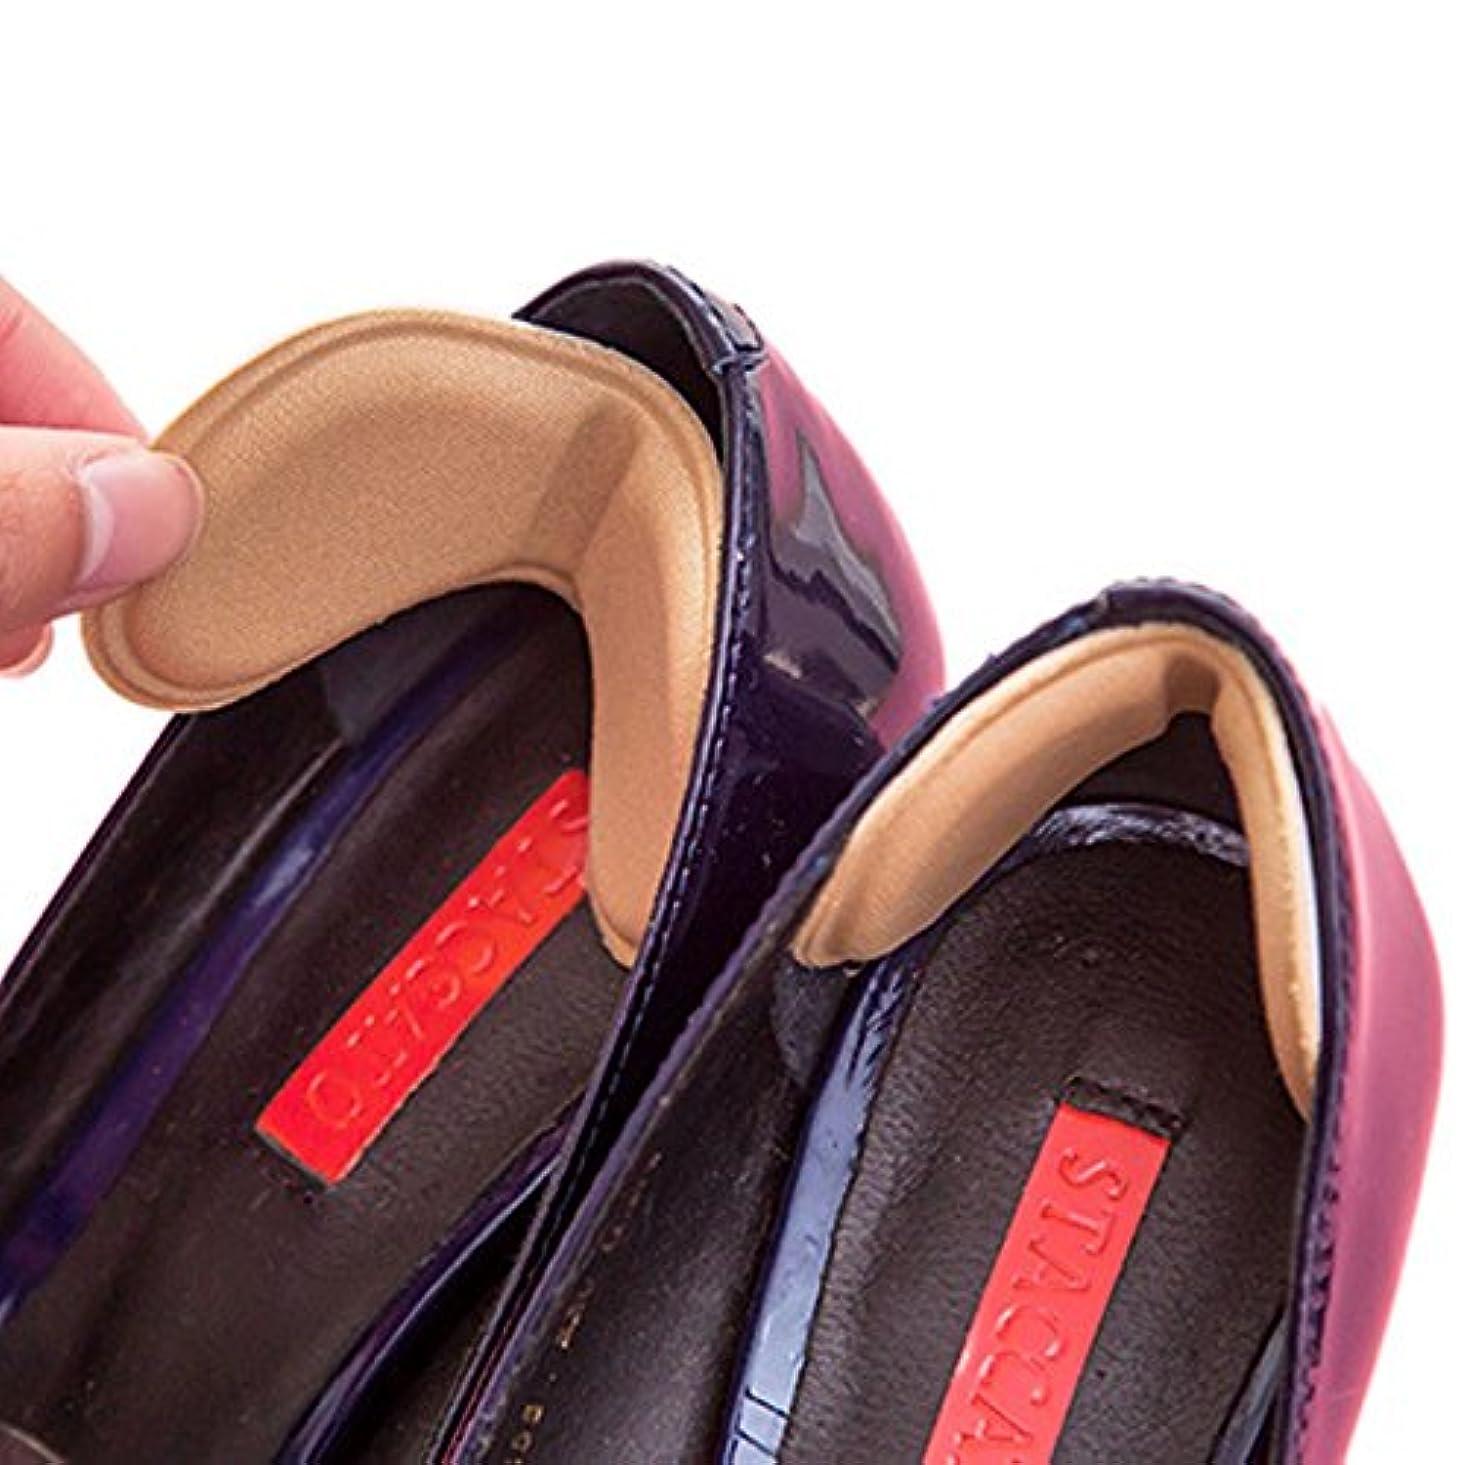 ぬるい中断パドル靴擦れ 半張りパッド 靴擦れ防止 防止かかと パカパカ防止 ハイヒール用 足裏保護 インソール 靴のサイズ調整 四組入り